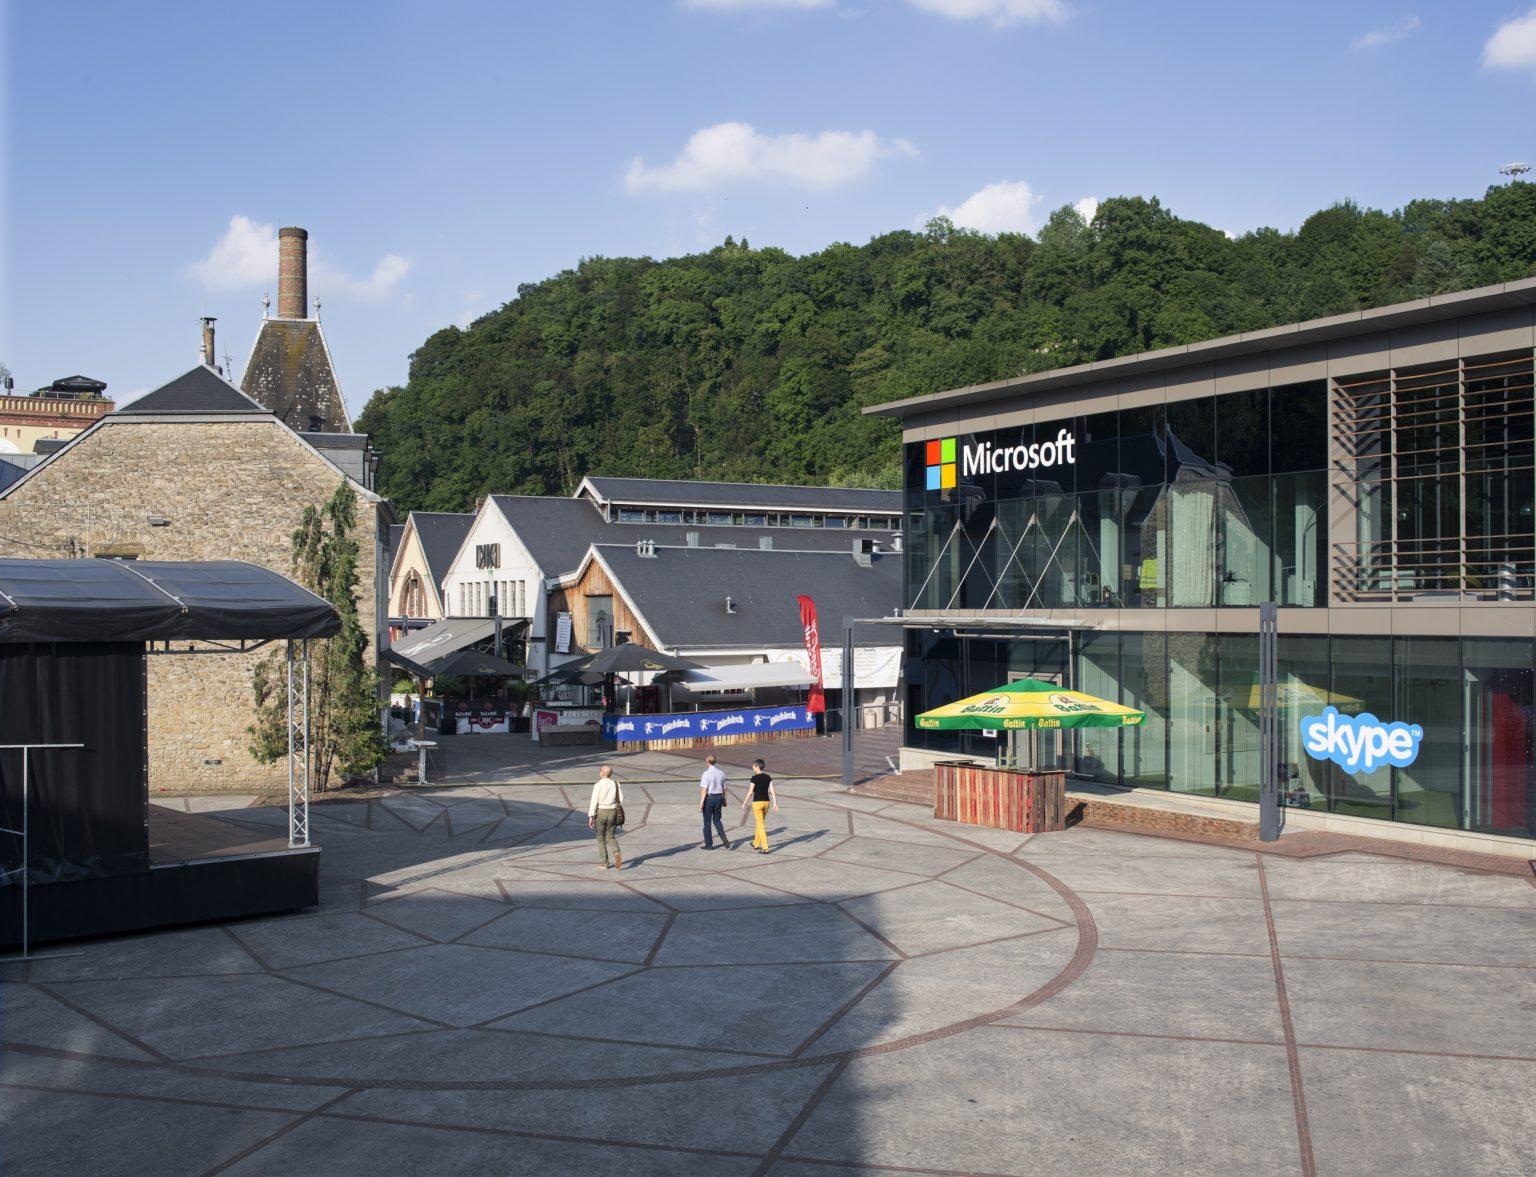 Grand Duchy of Luxembourg, Luxembourg City, July 2016: a view  of the global headquarter of Skipe. / Gran Ducato di Lussemburgo, Lussemburgo, Luglio 2016: una veduta del quartier generale di Skipe.*Stitched photograph*